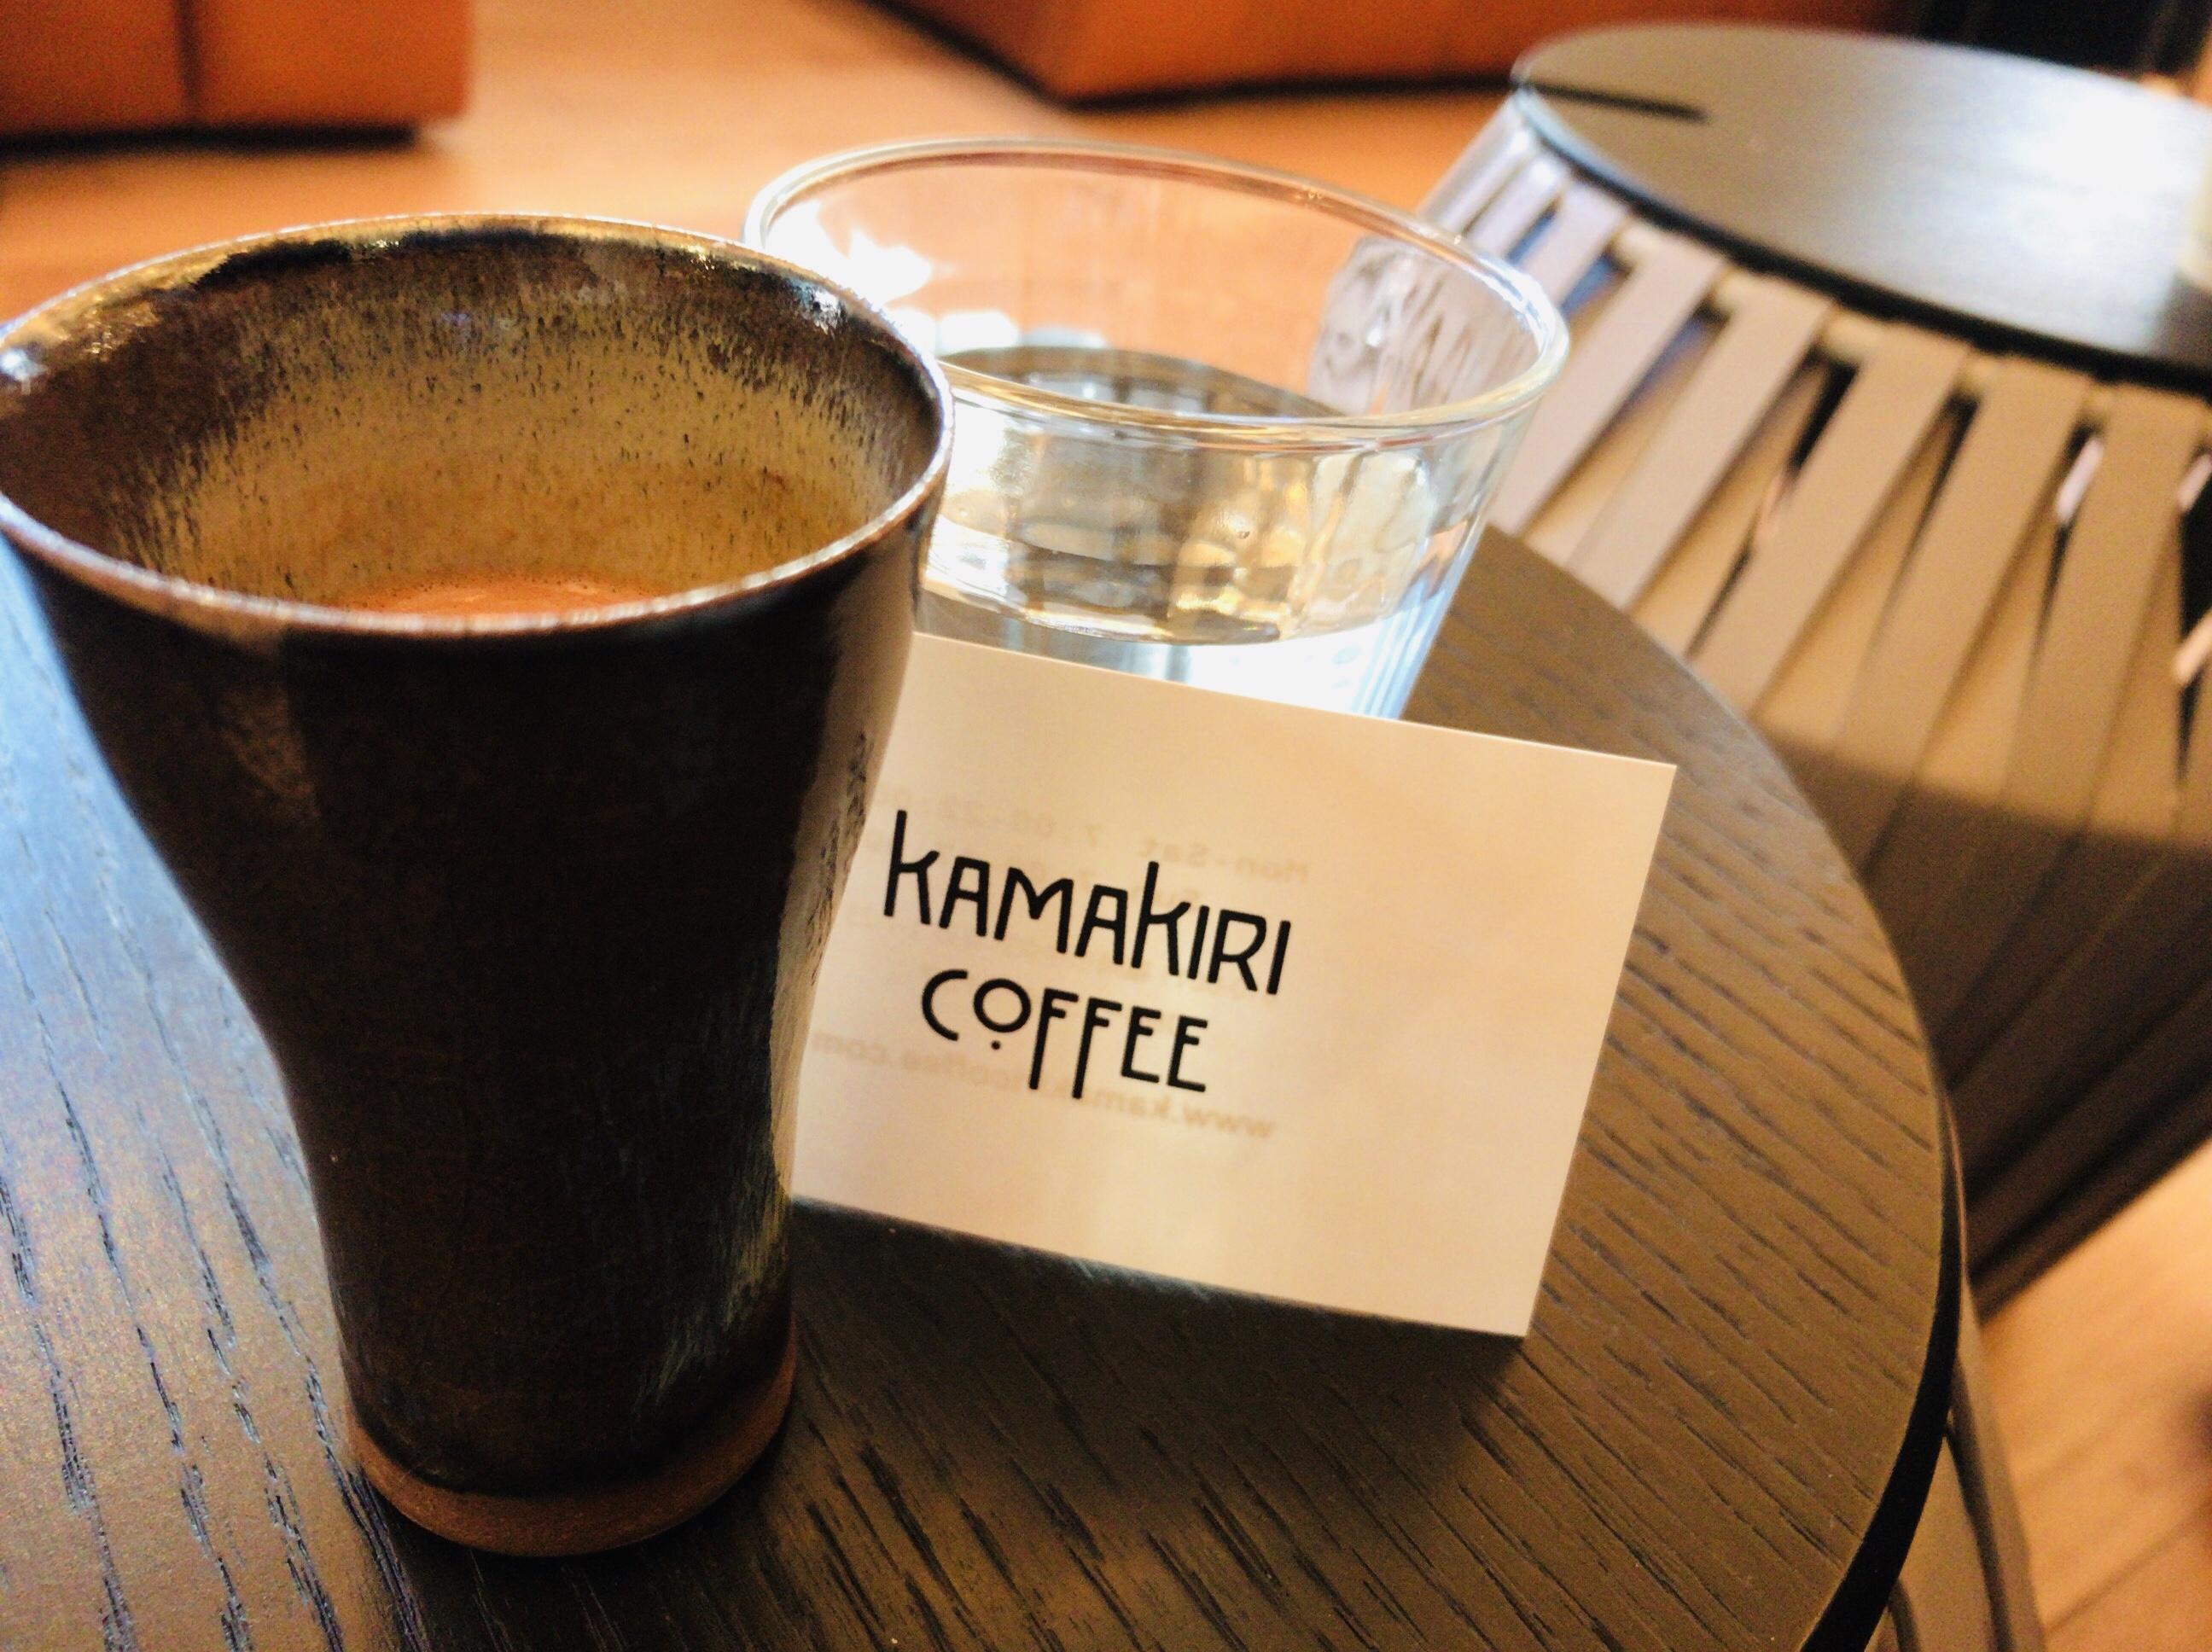 カマキリコーヒー